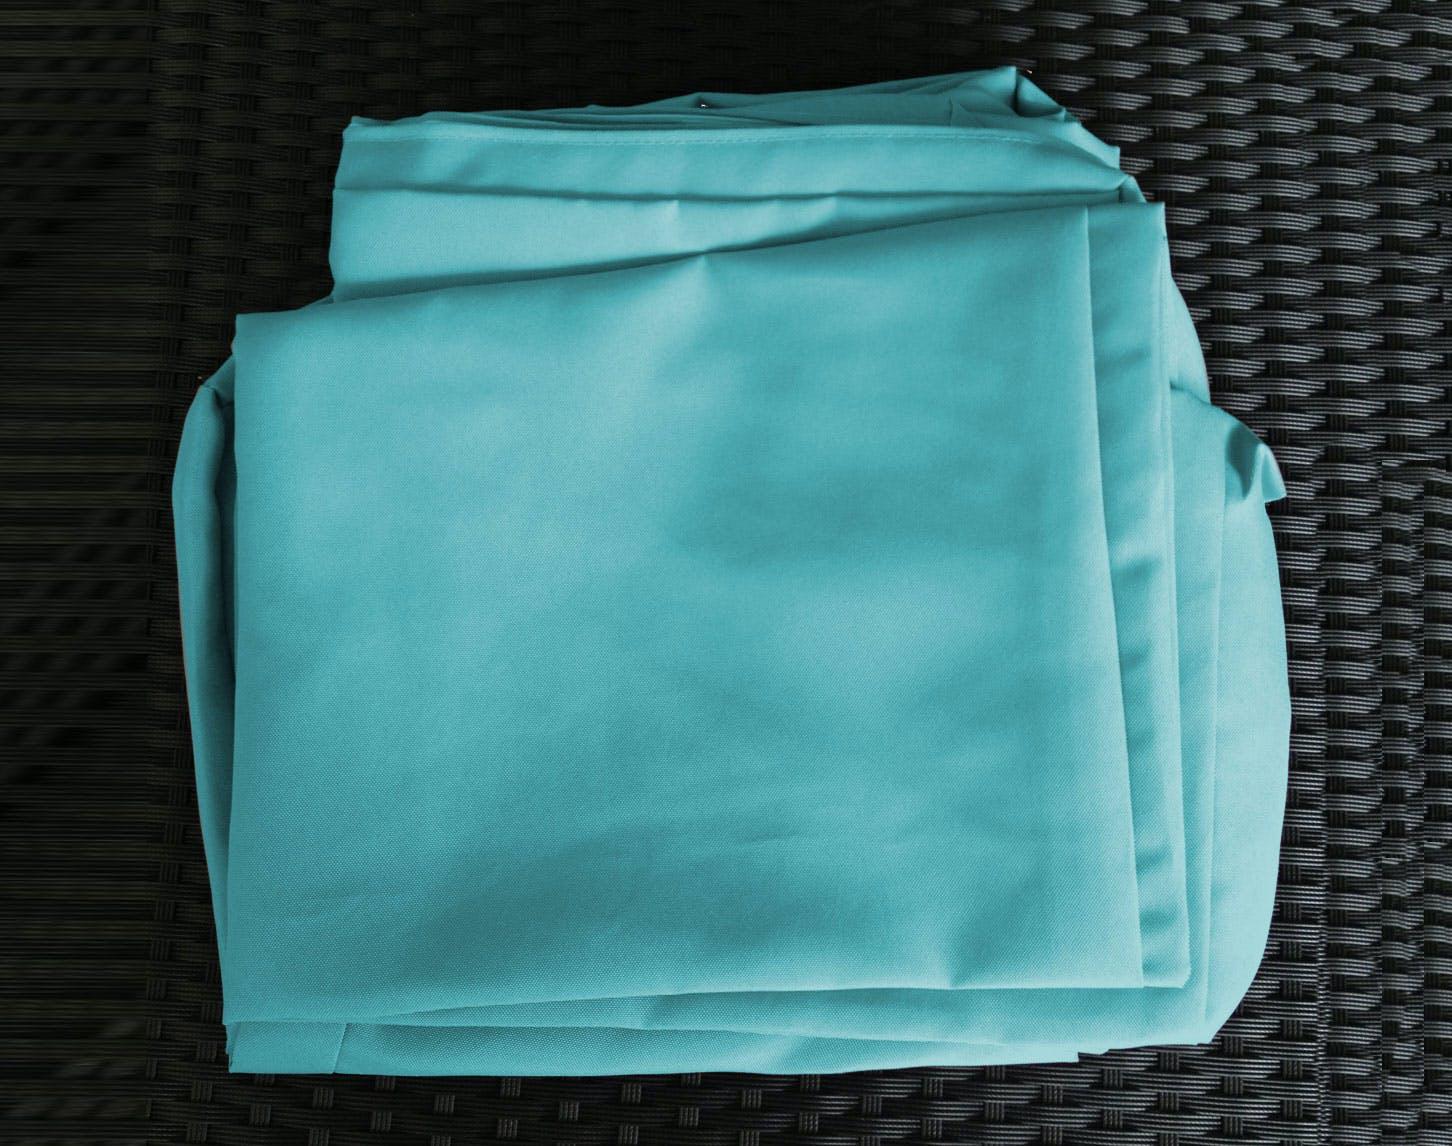 Jeu de Housses tissu bleu pour Salon de Jardin COPACABANA